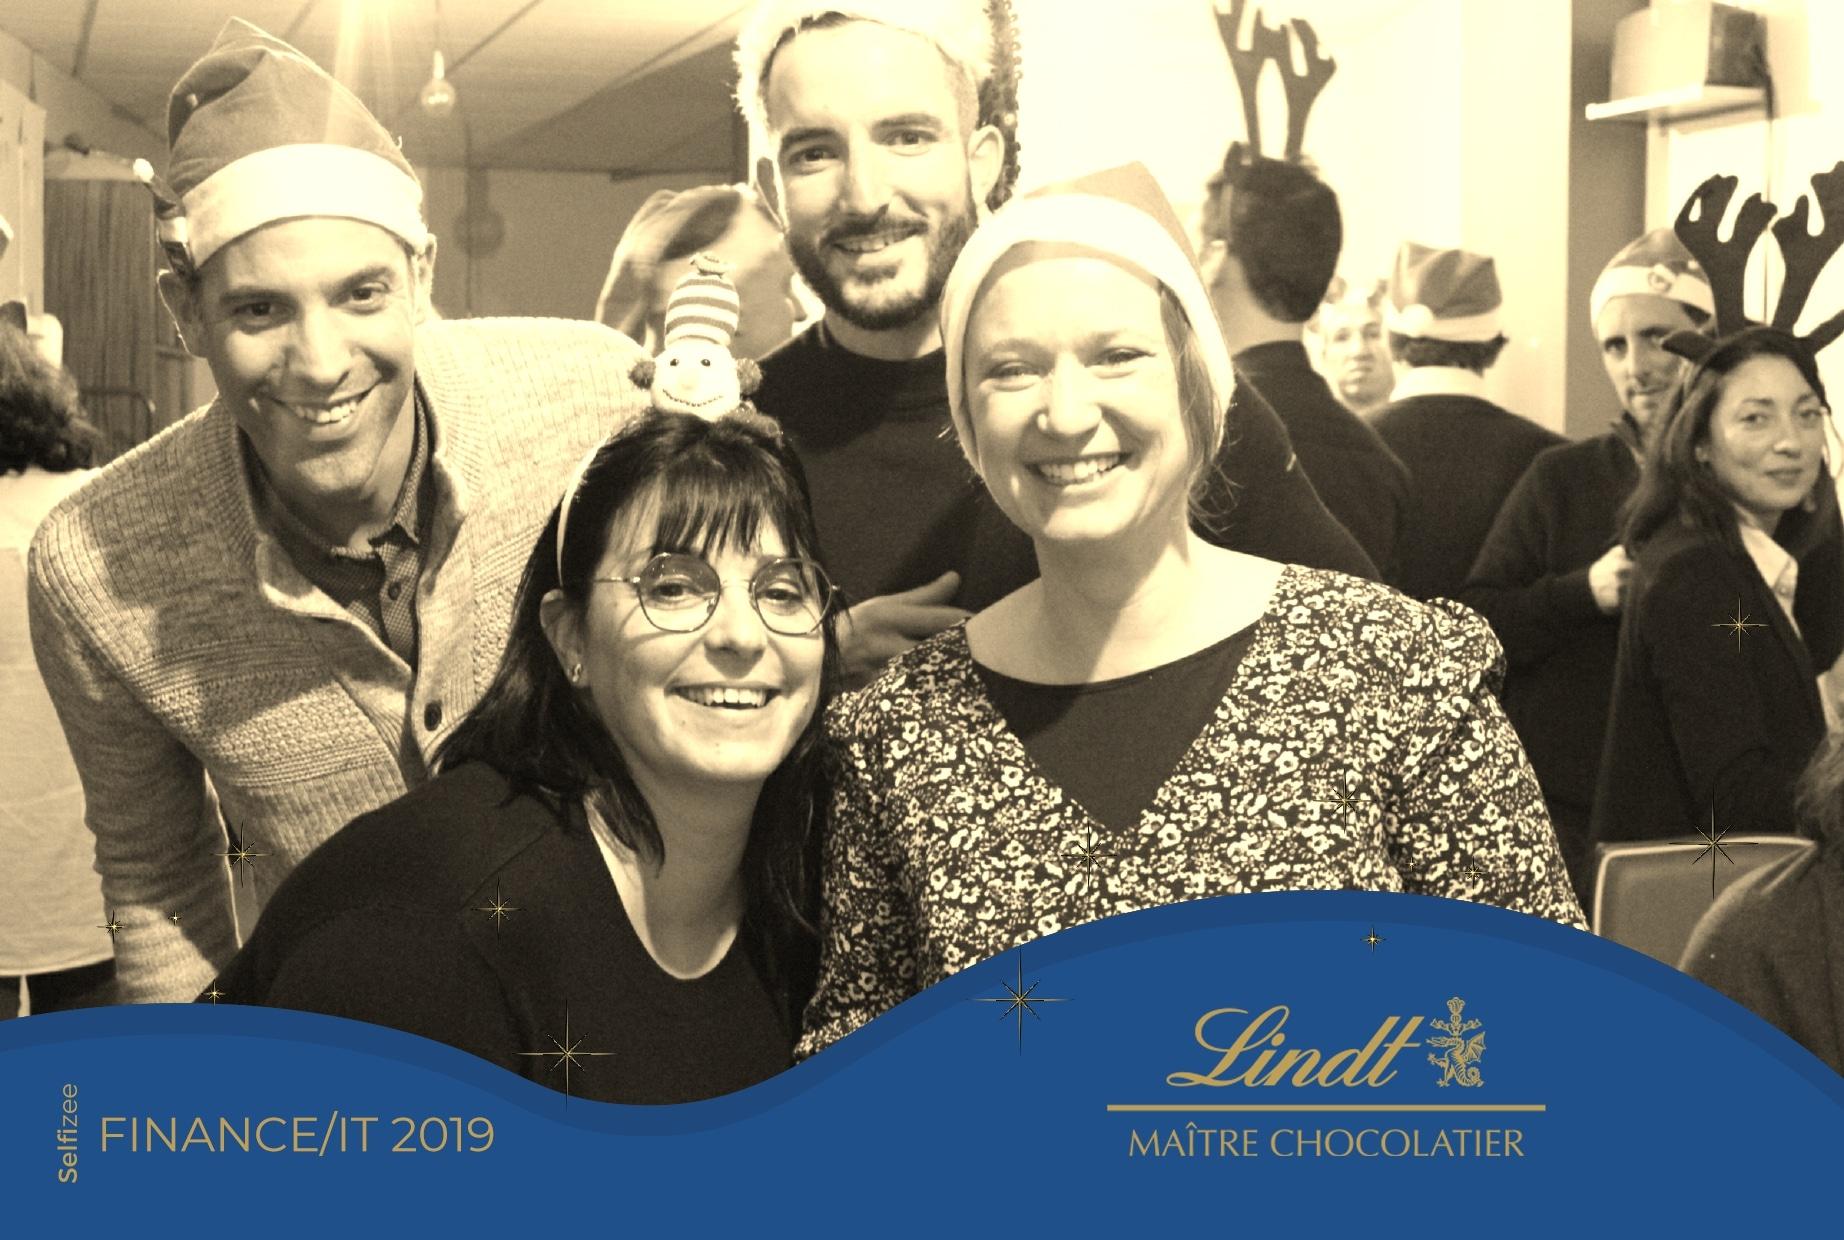 Photo personnalisée avec filtre noir et blanc animation borne selfie soirée Noël et fêtes fin d'année à l'entreprise Lindt à Oloron-Sainte-Marie près de Pau